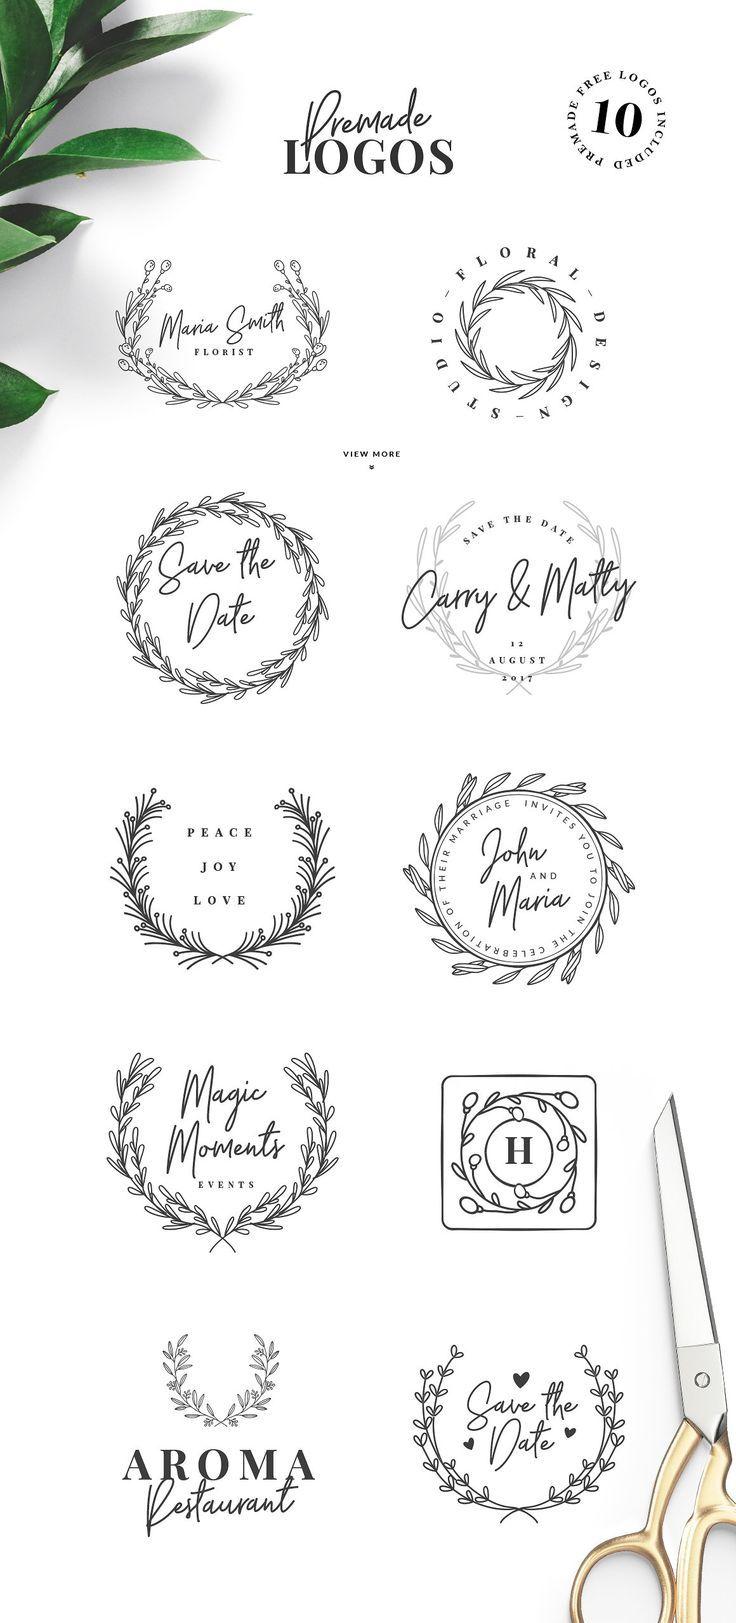 Ball Pen Handwritten Font by VladCristea on /creativemarket/